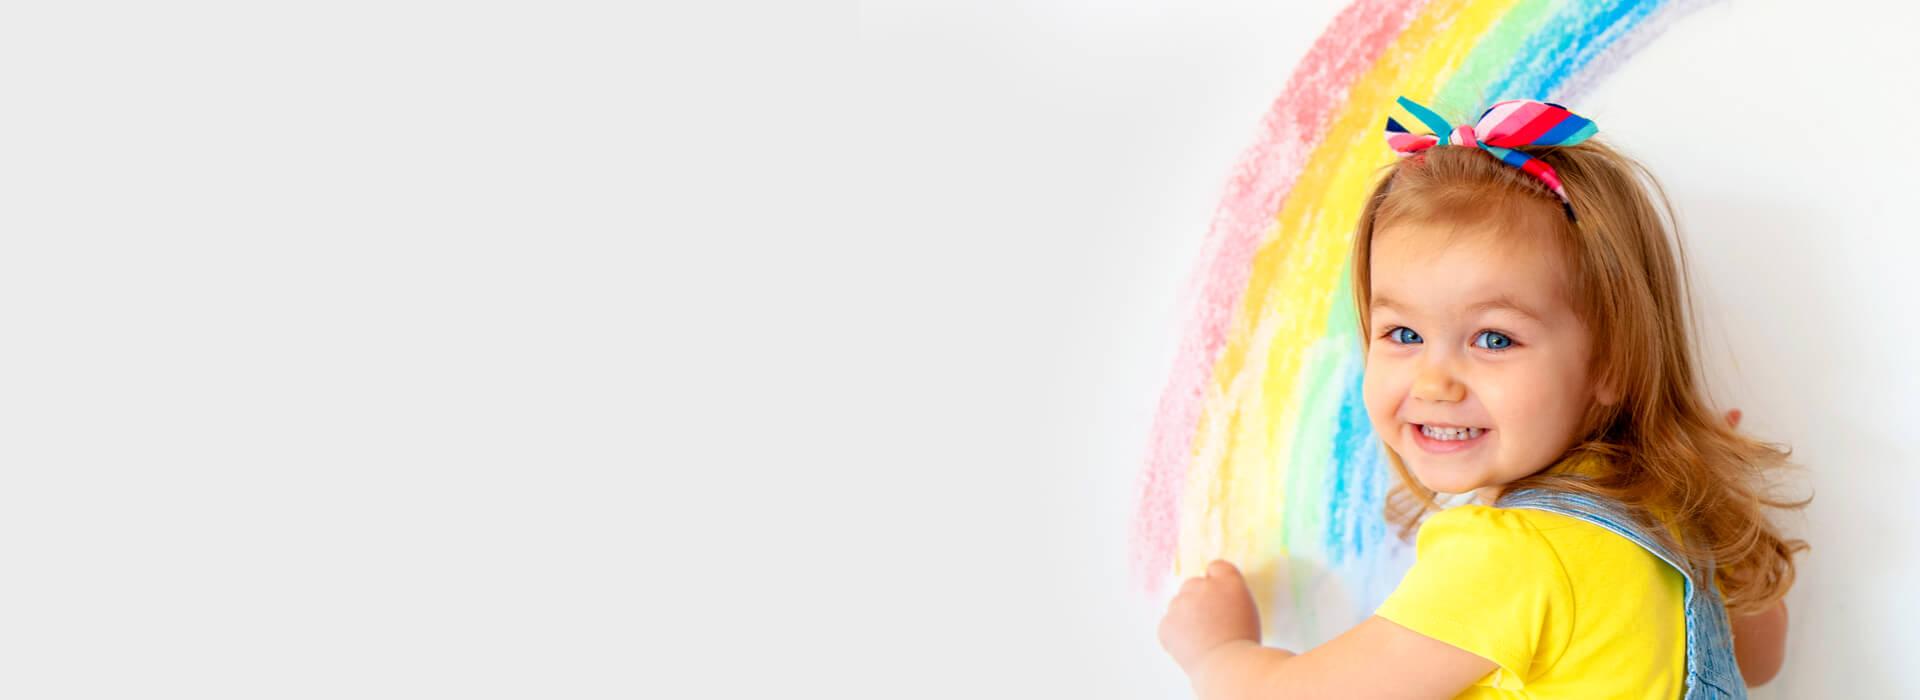 Meisje dat een regenboog tekent op de muur